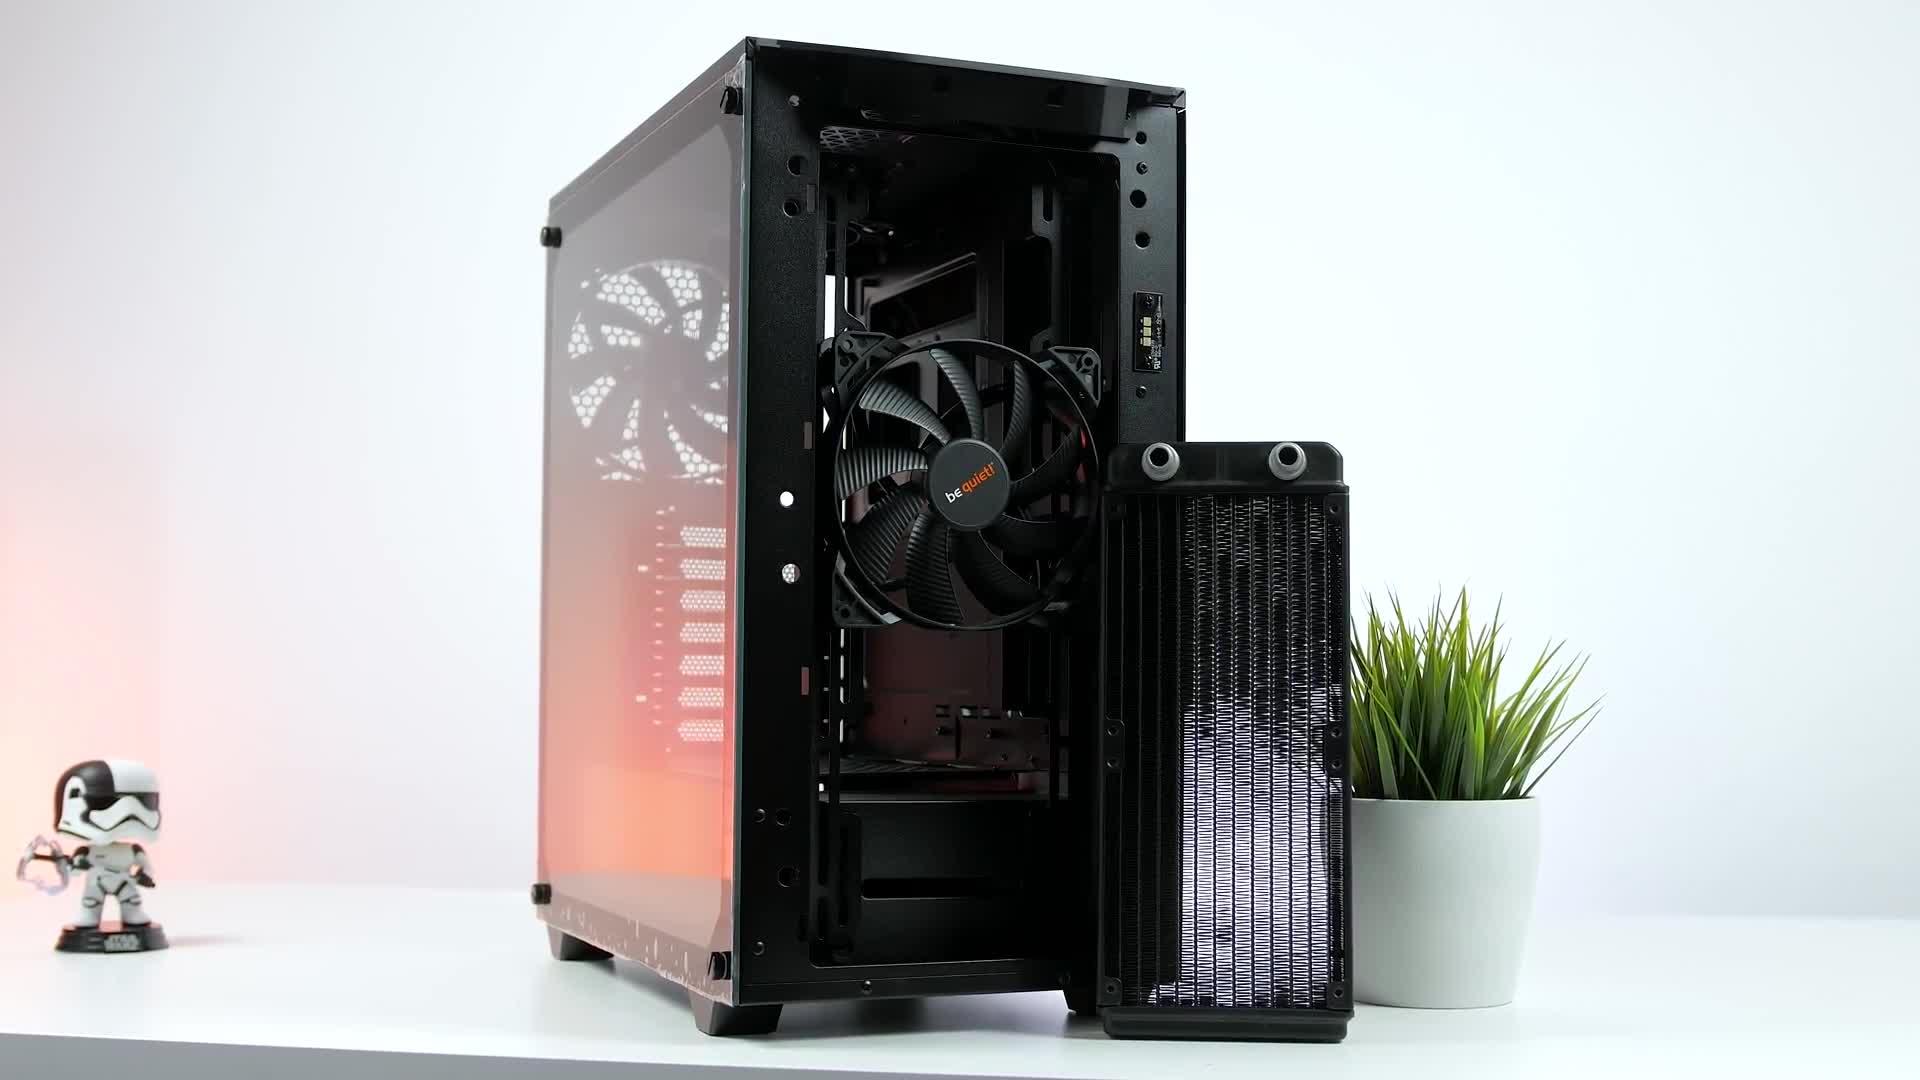 Test, Zenchilli, Zenchillis Hardware Reviews, Gehäuse, Tower, be quiet, bequiet, Pure Base, Pure Base 500DX